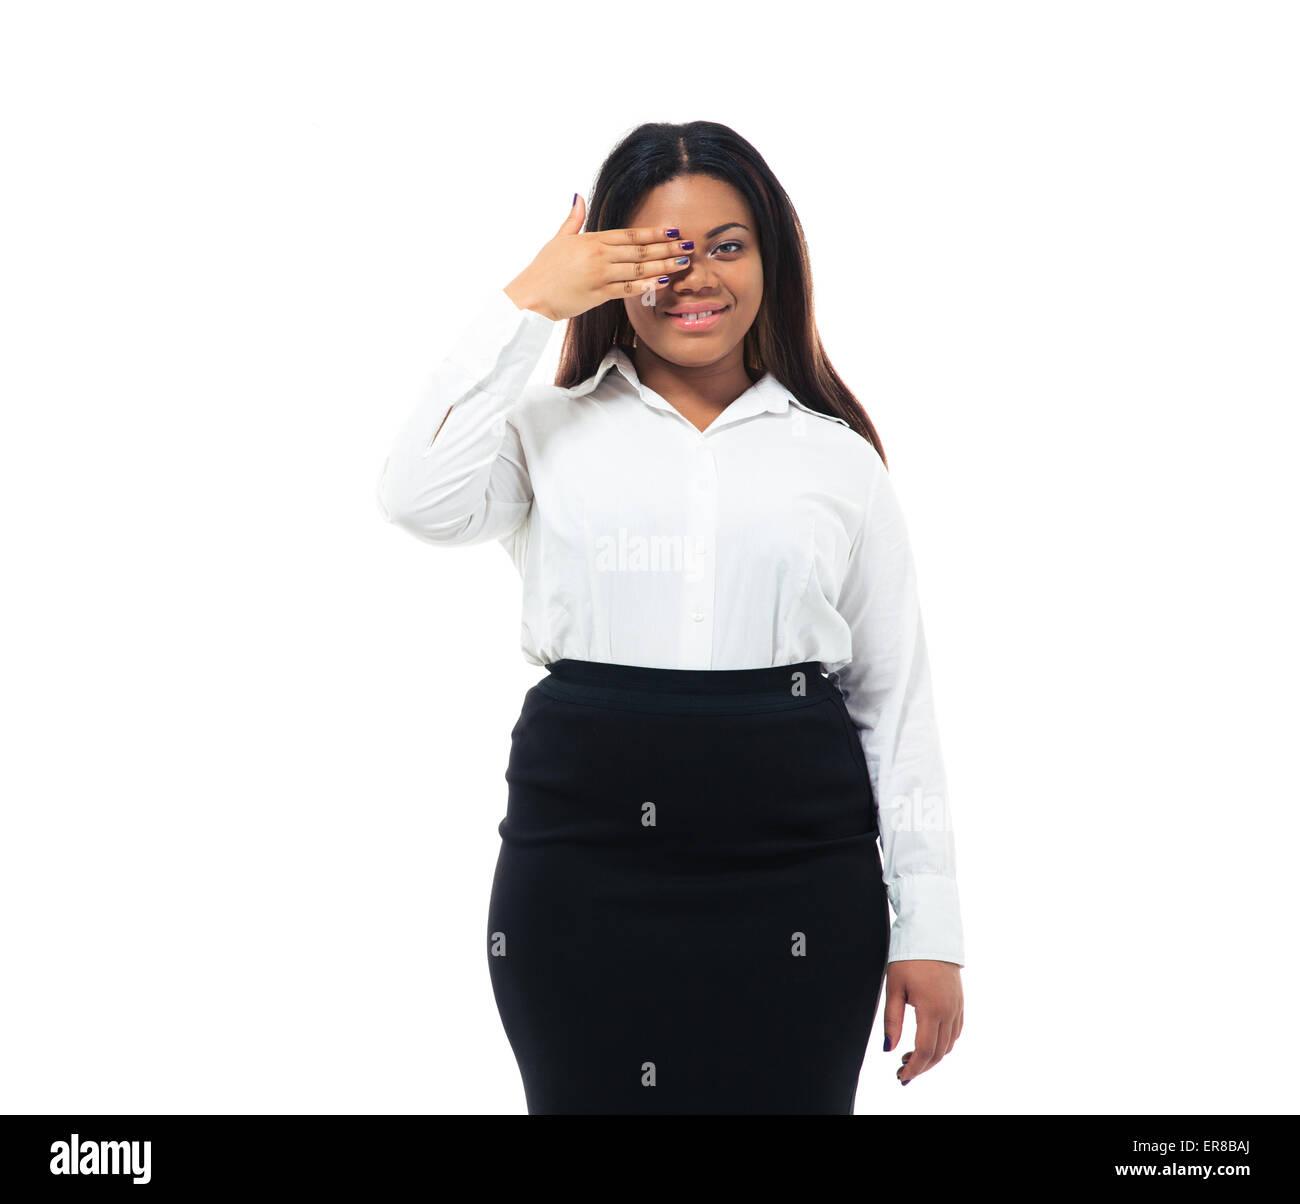 Afro American imprenditrice che copre un occhio con la mano isolata su uno sfondo bianco. Guardando la fotocamera Foto Stock